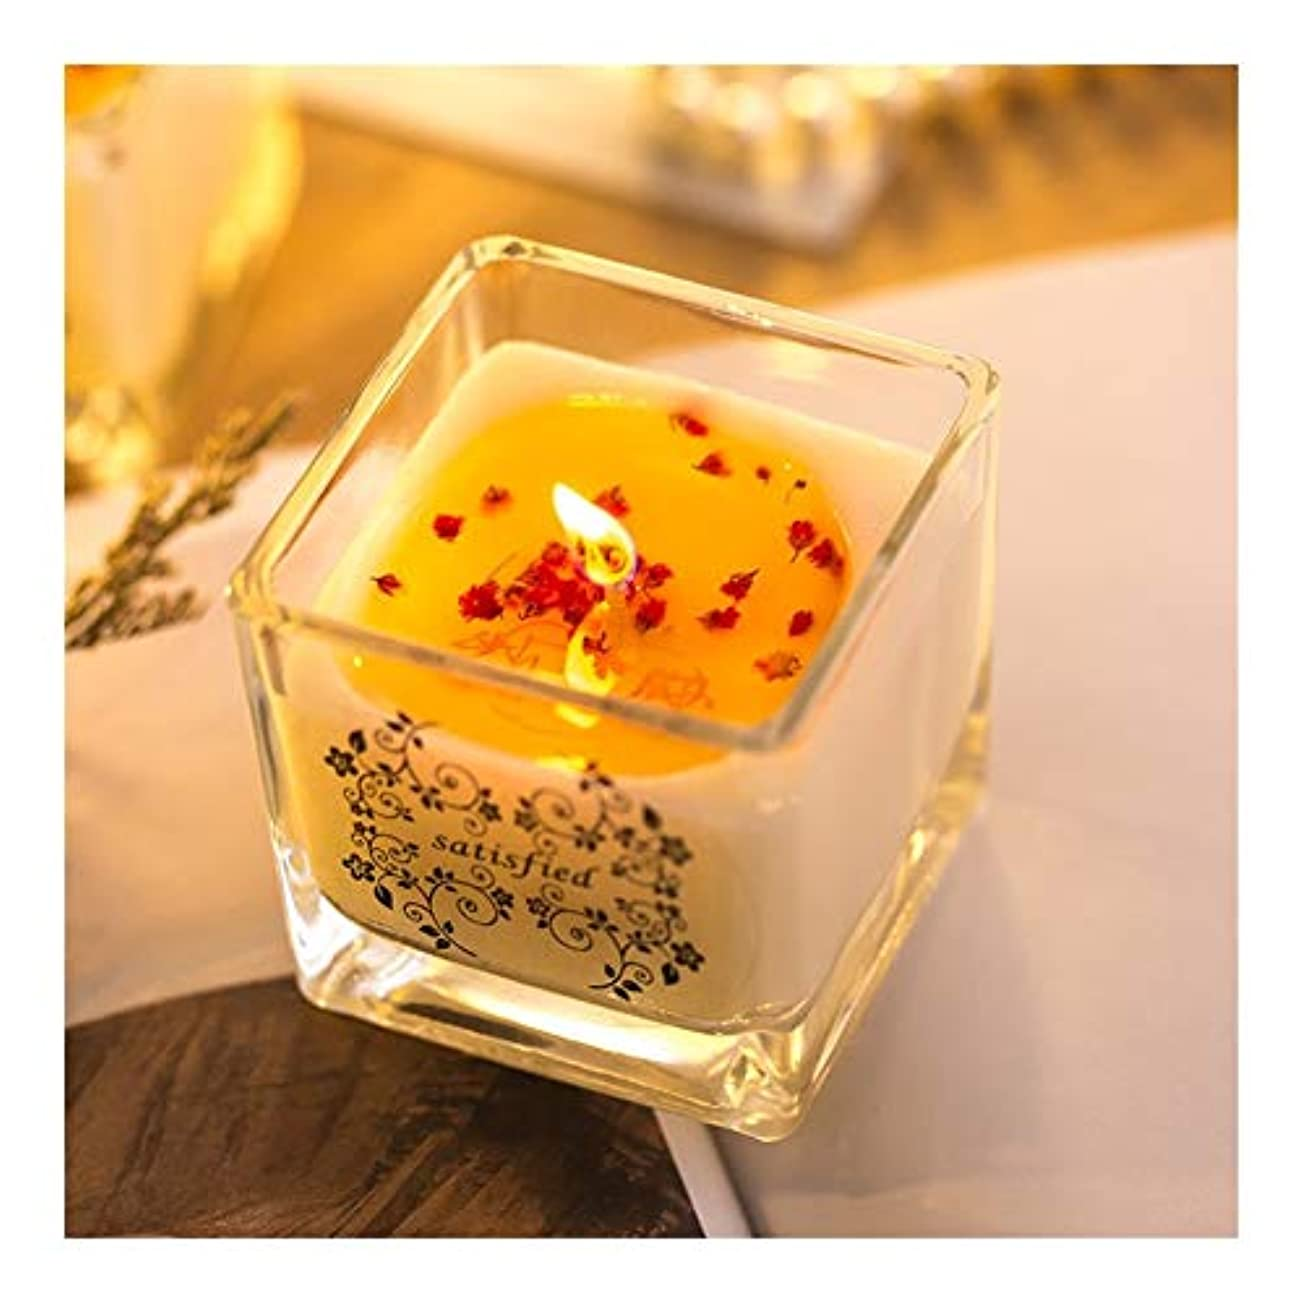 増強する担保オークションGuomao 手作りアロマセラピー大豆キャンドルロマンチックな結婚結婚ガラスの花びら輸入無煙エッセンシャルオイルキャンドル卸売 (色 : Lavender)